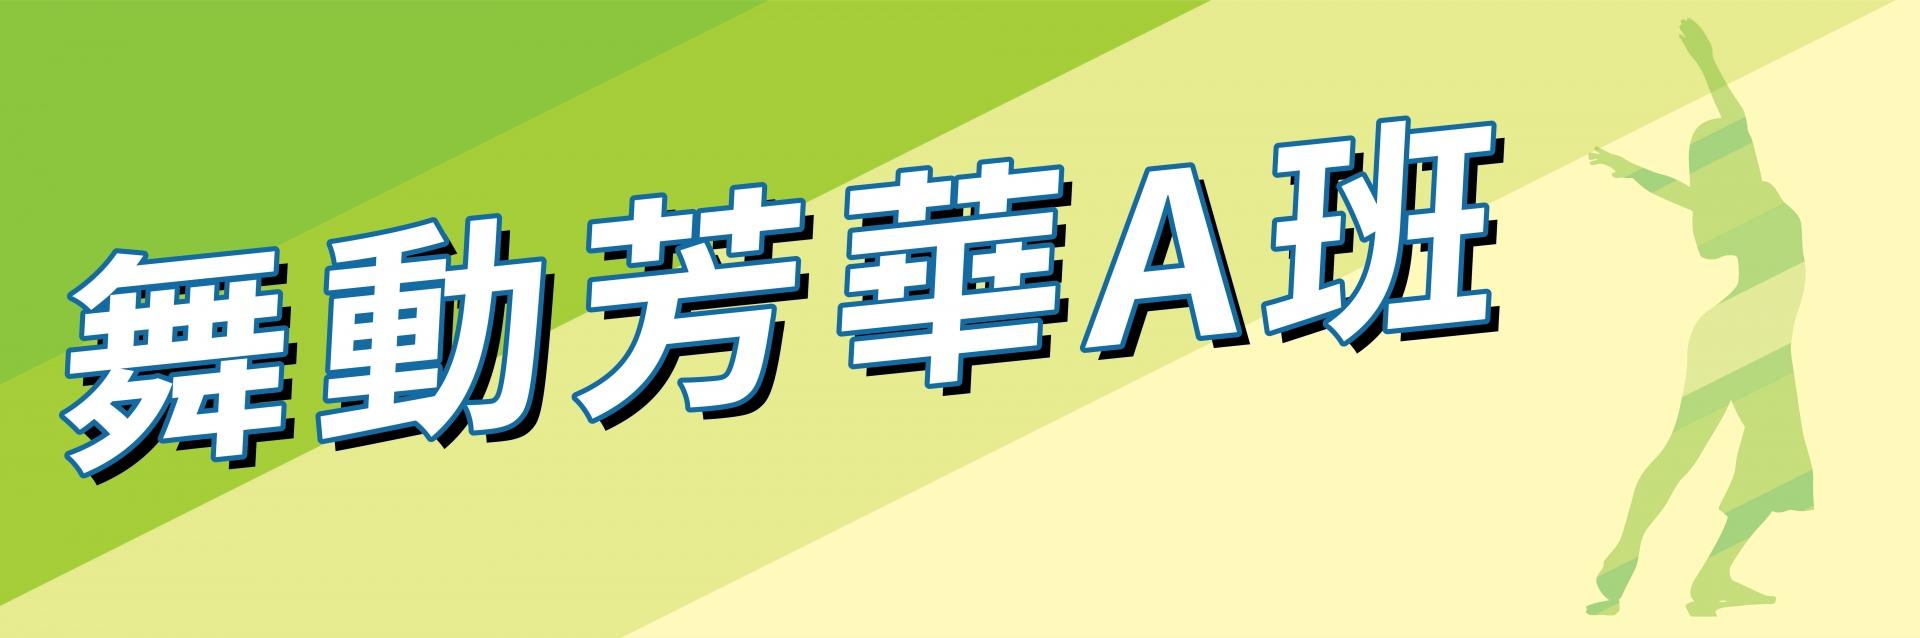 舞動芳華 A 班(10-12月)